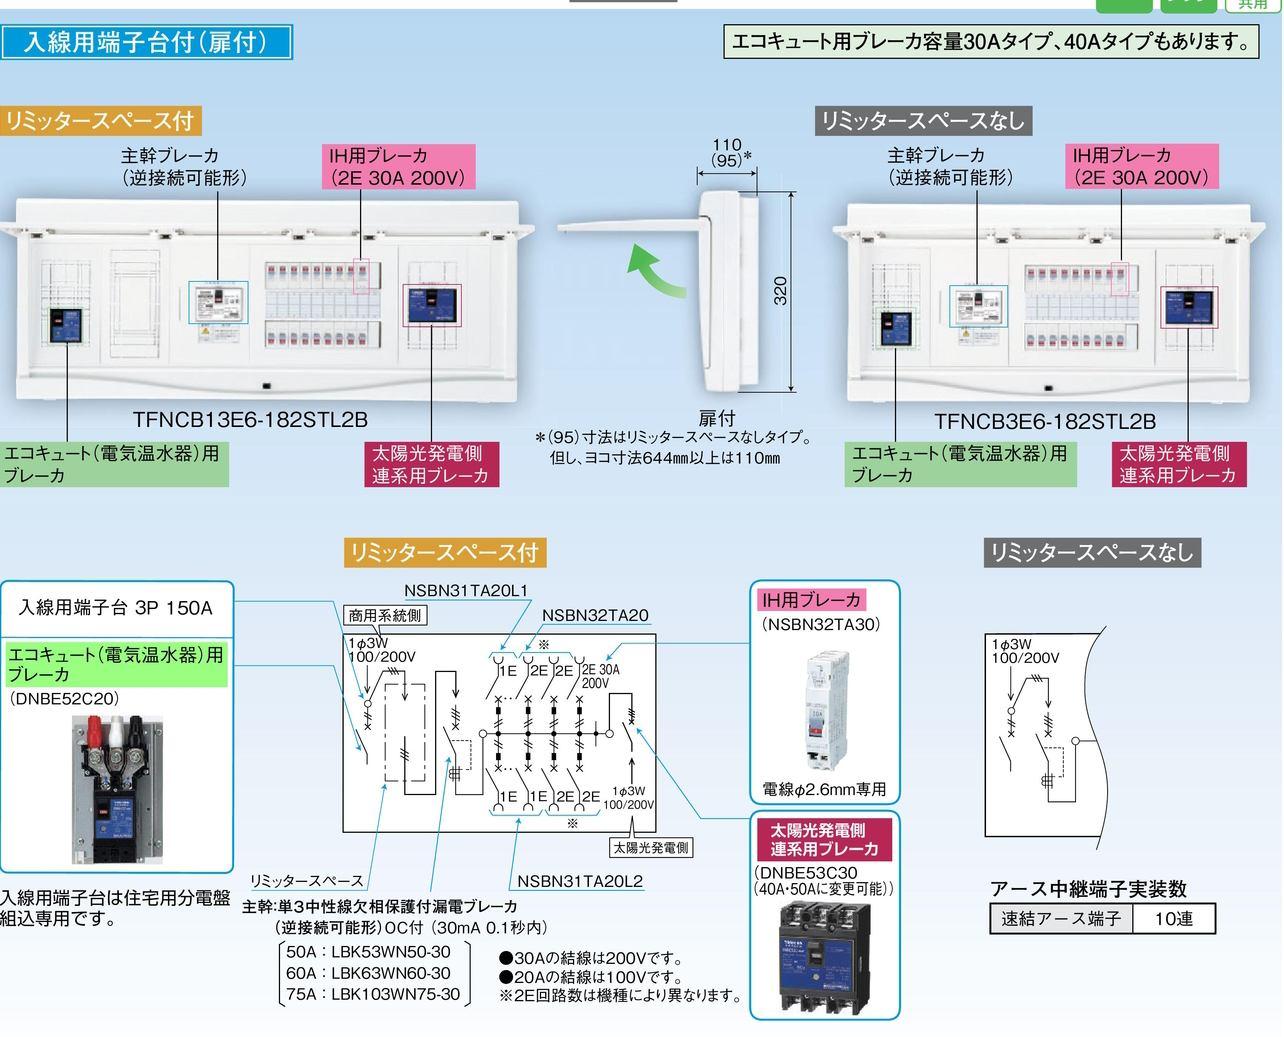 【東芝】小形住宅用分電盤N 扉付・機能付 全電化 75A TFNCB3E7-342STL2B